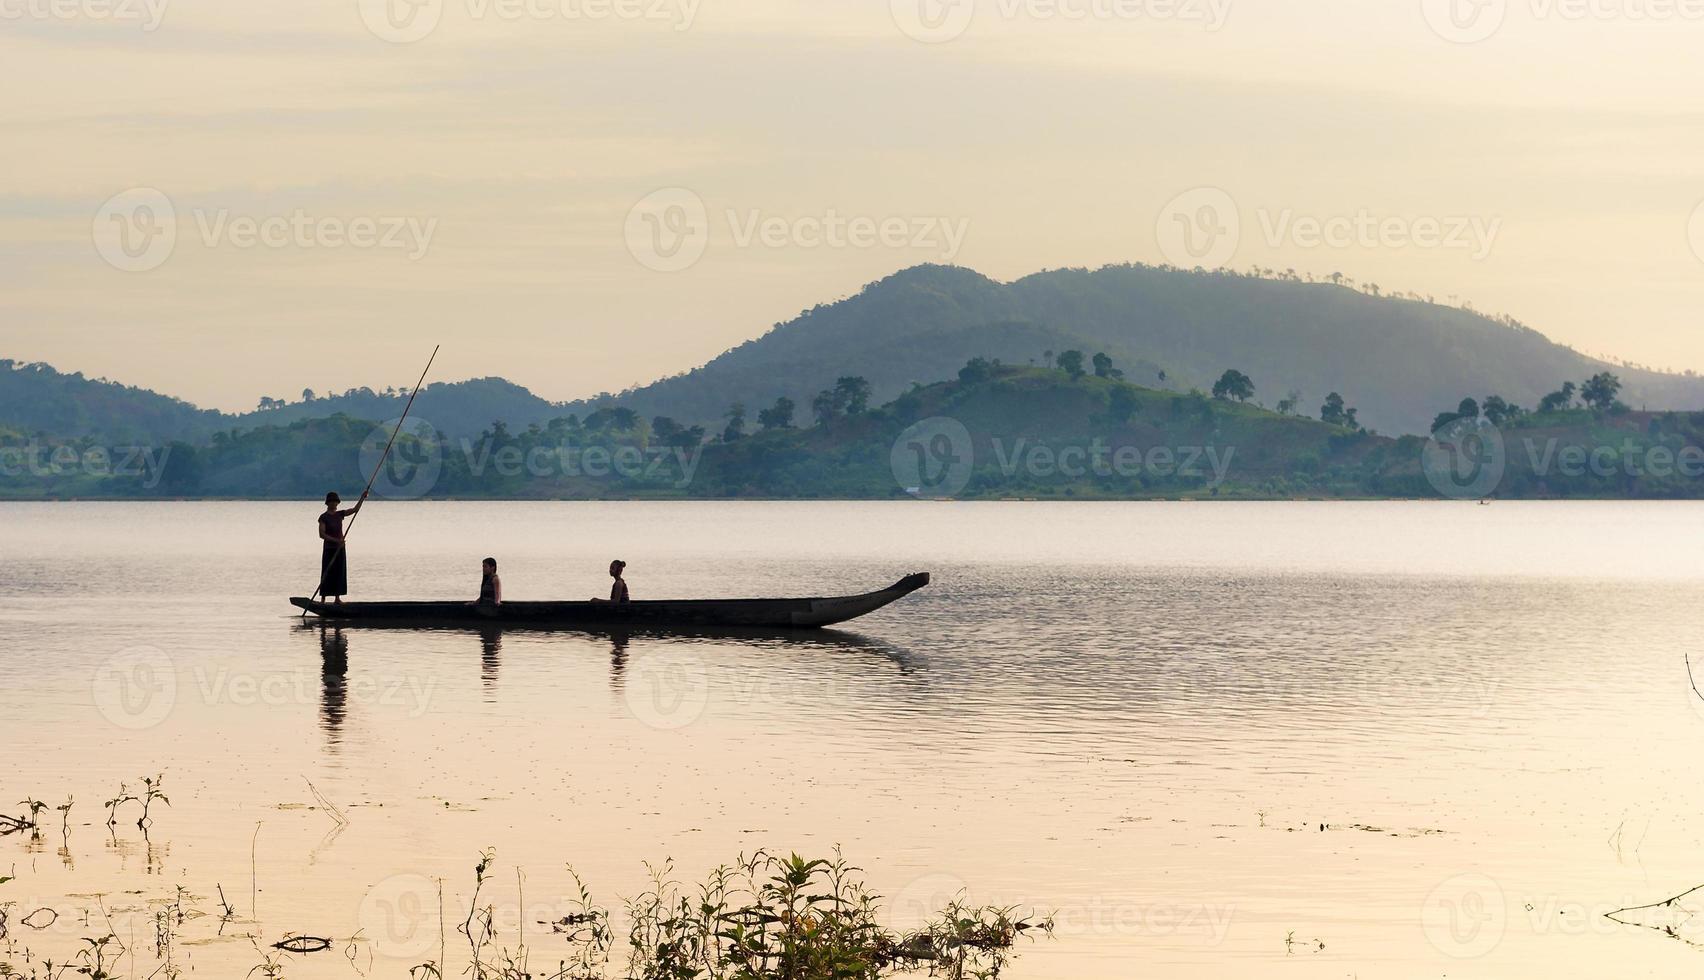 ede kvinnor som roddar dugoutbåt på sjön vid soluppgången foto